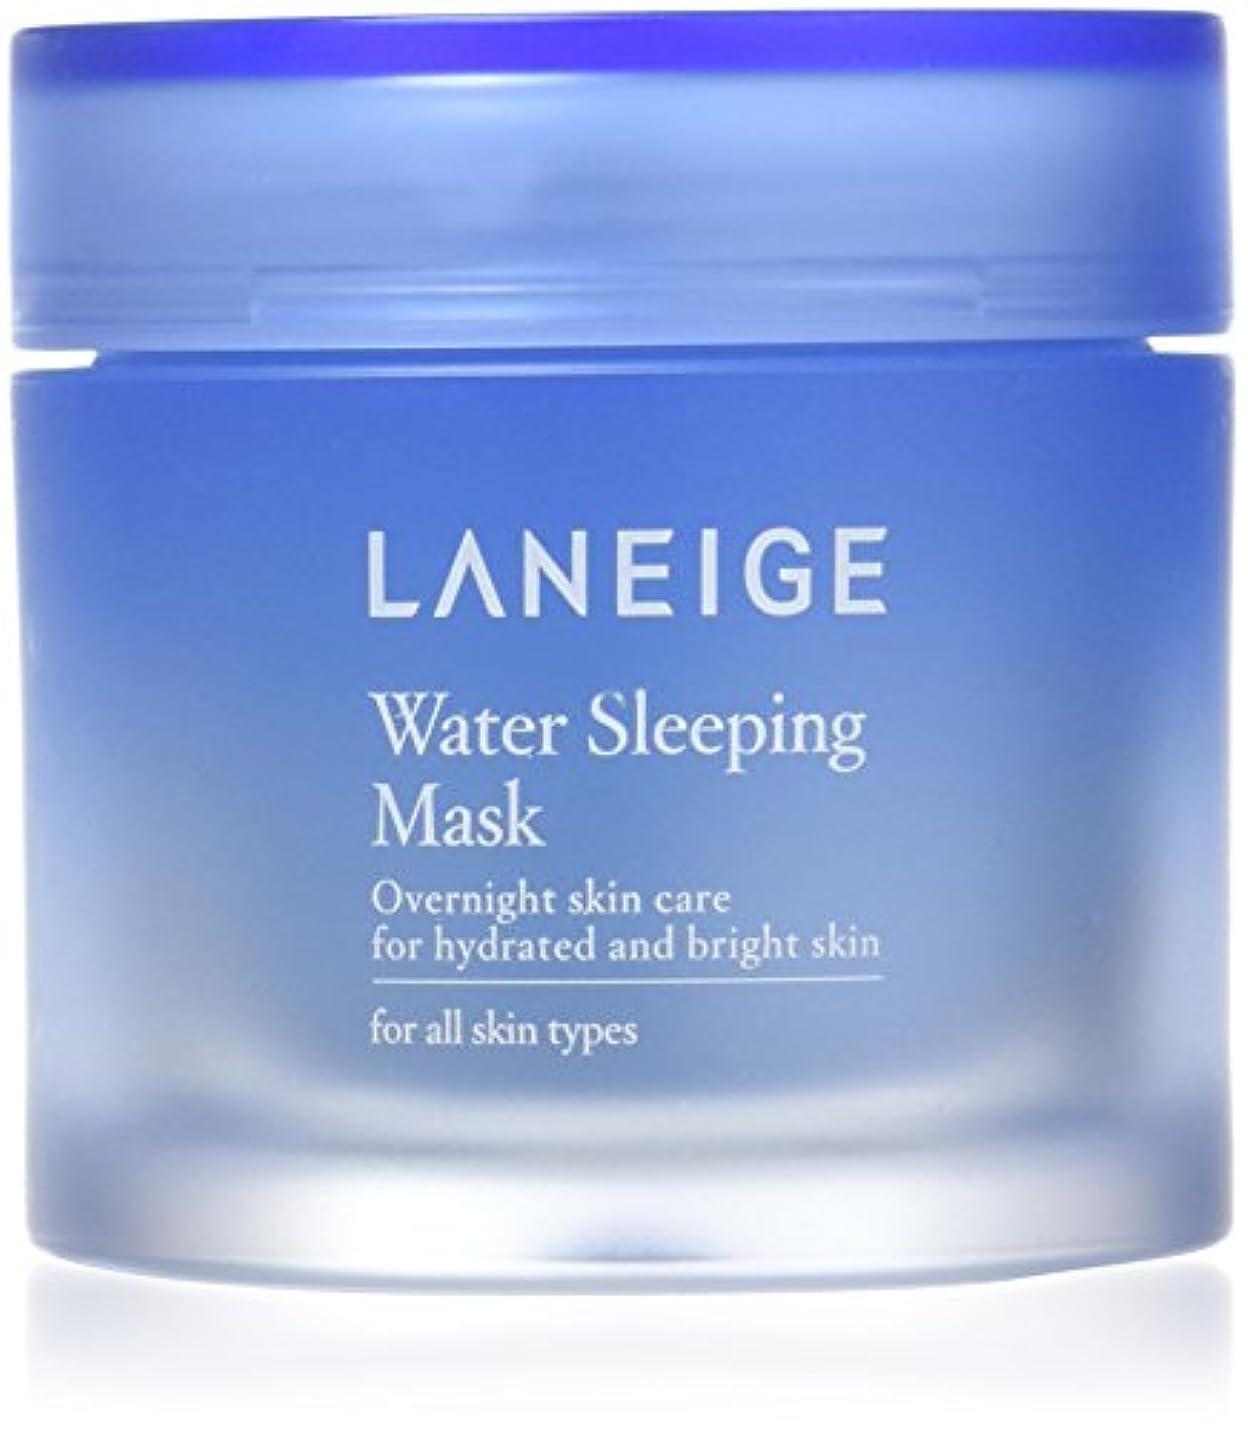 有名な下着領事館LANEIGE/ラネージュ ウォータースリーピング マスク 70ml/Laneige Water Sleeping Mask 70ml [海外直送品]